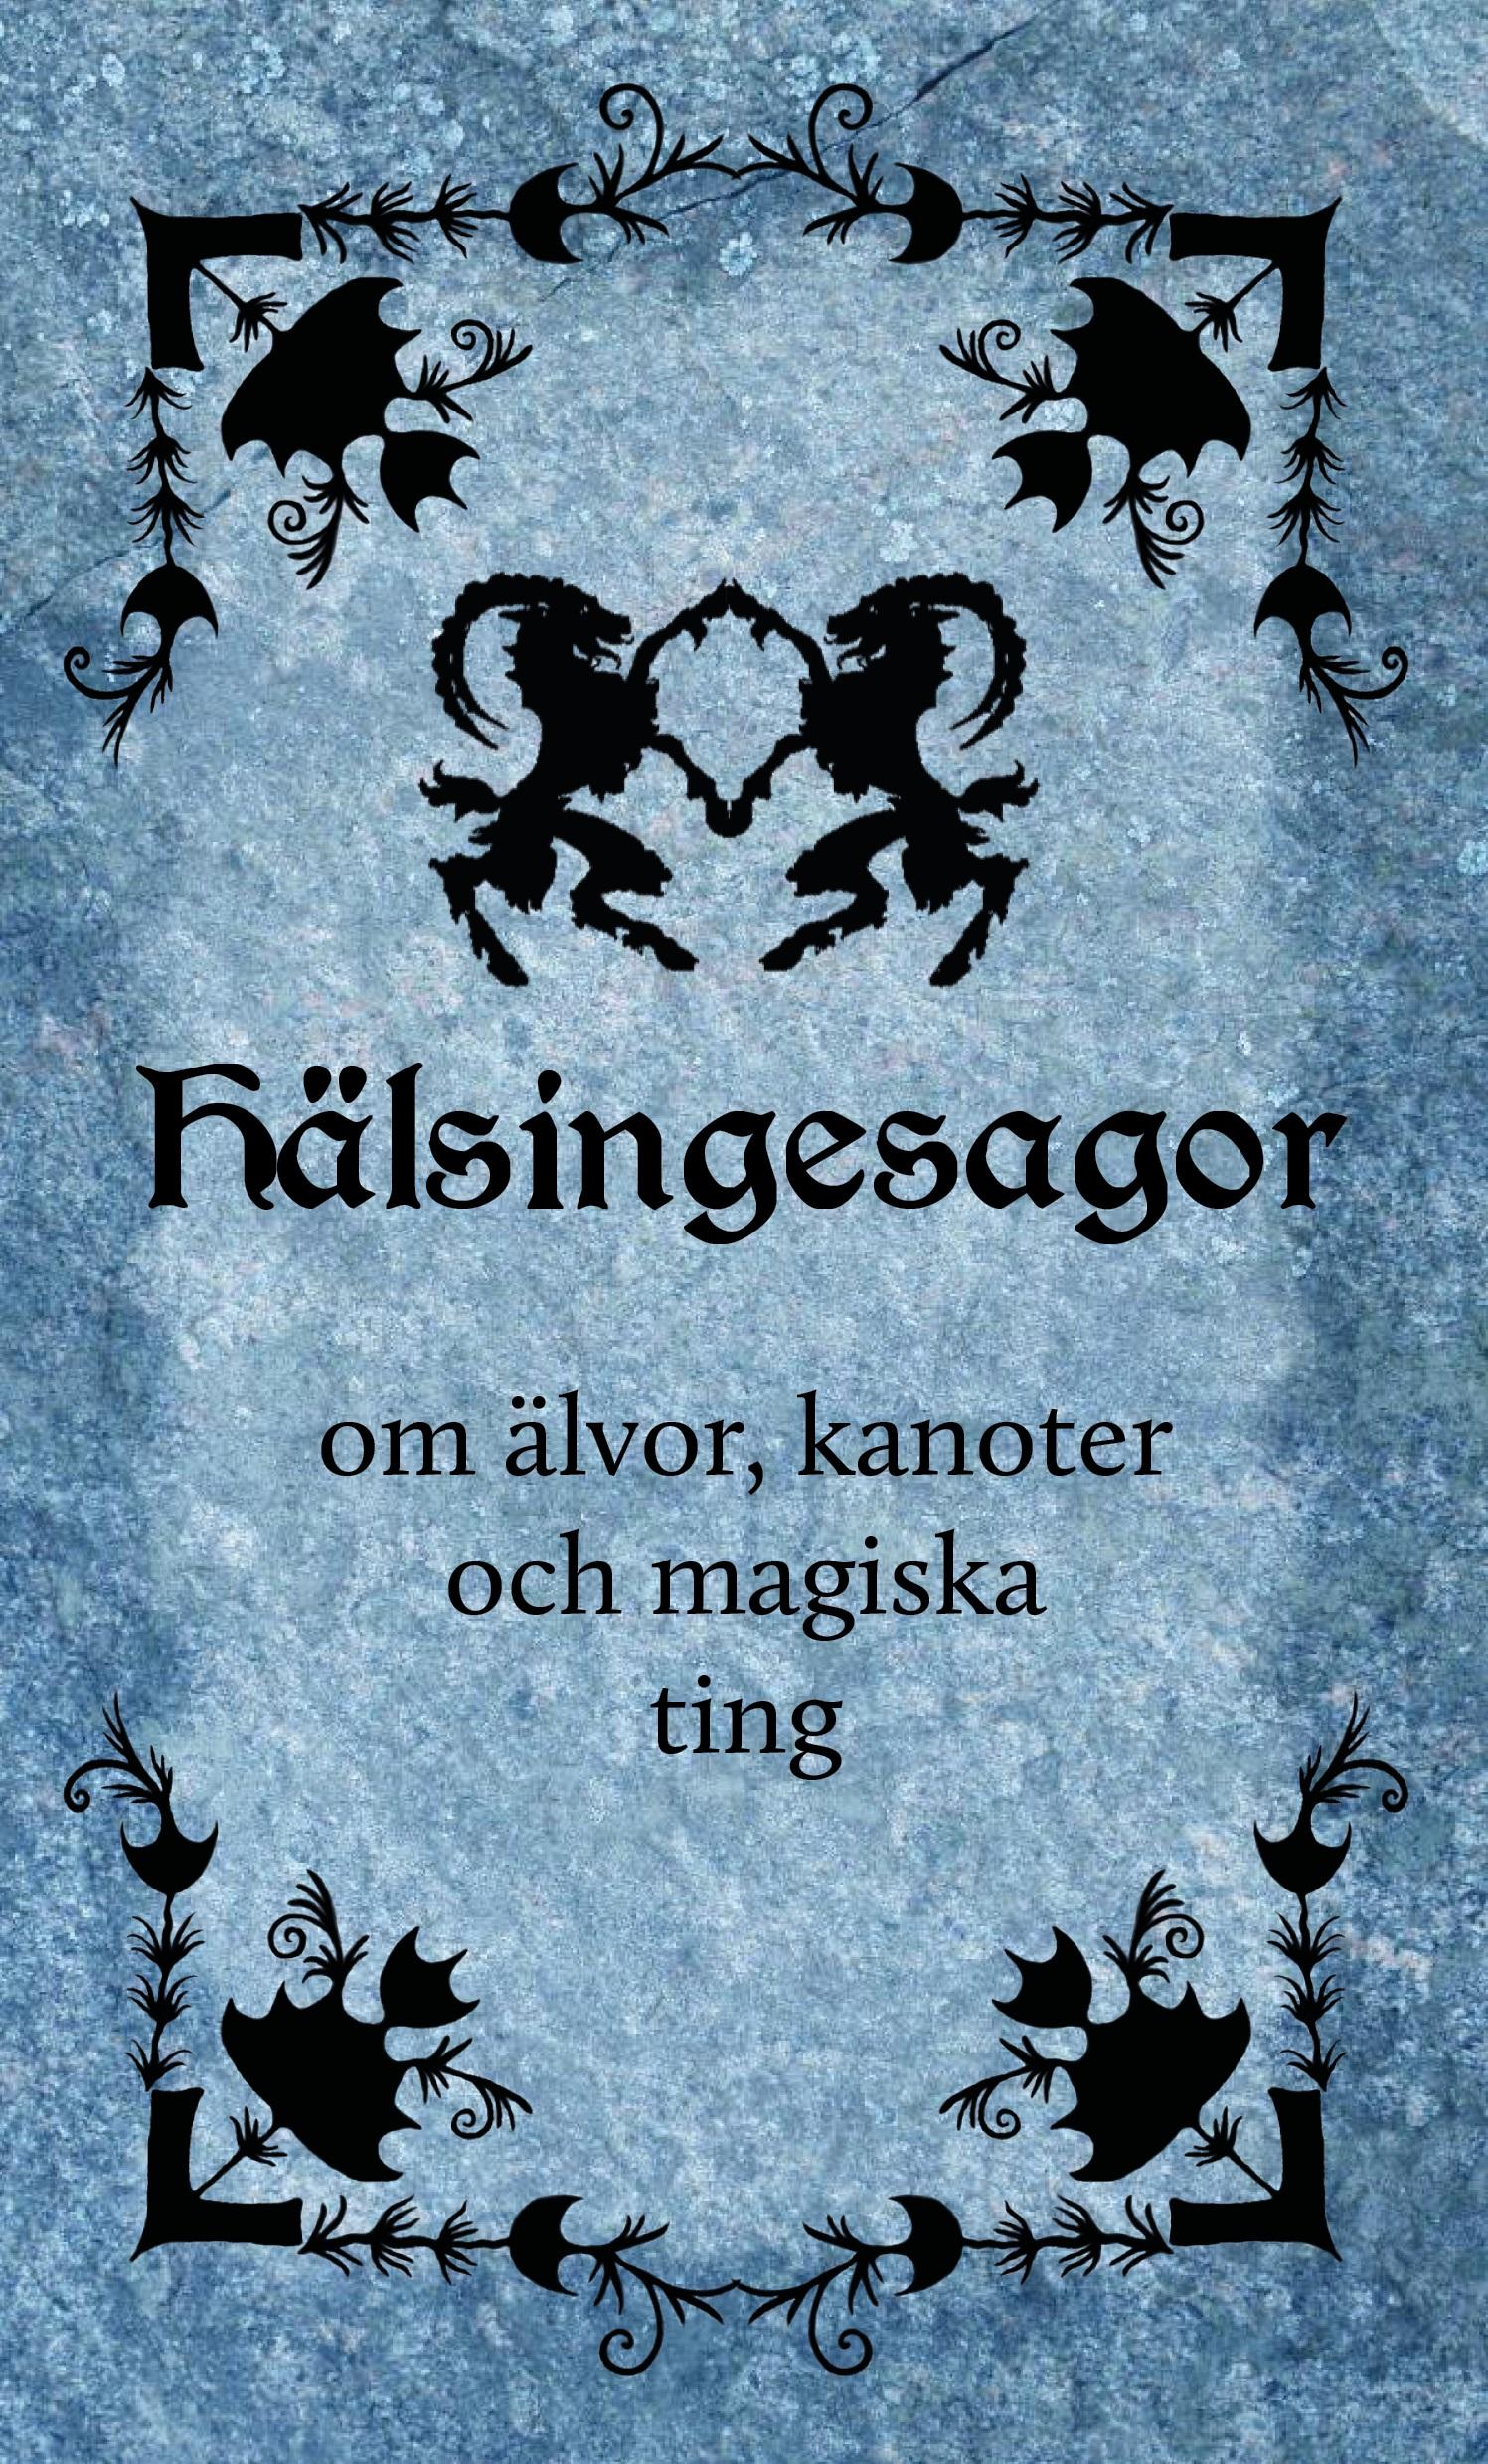 """Omslaget på boken """"Hälsingesagor om älvor, kanoter och magiska ting""""."""